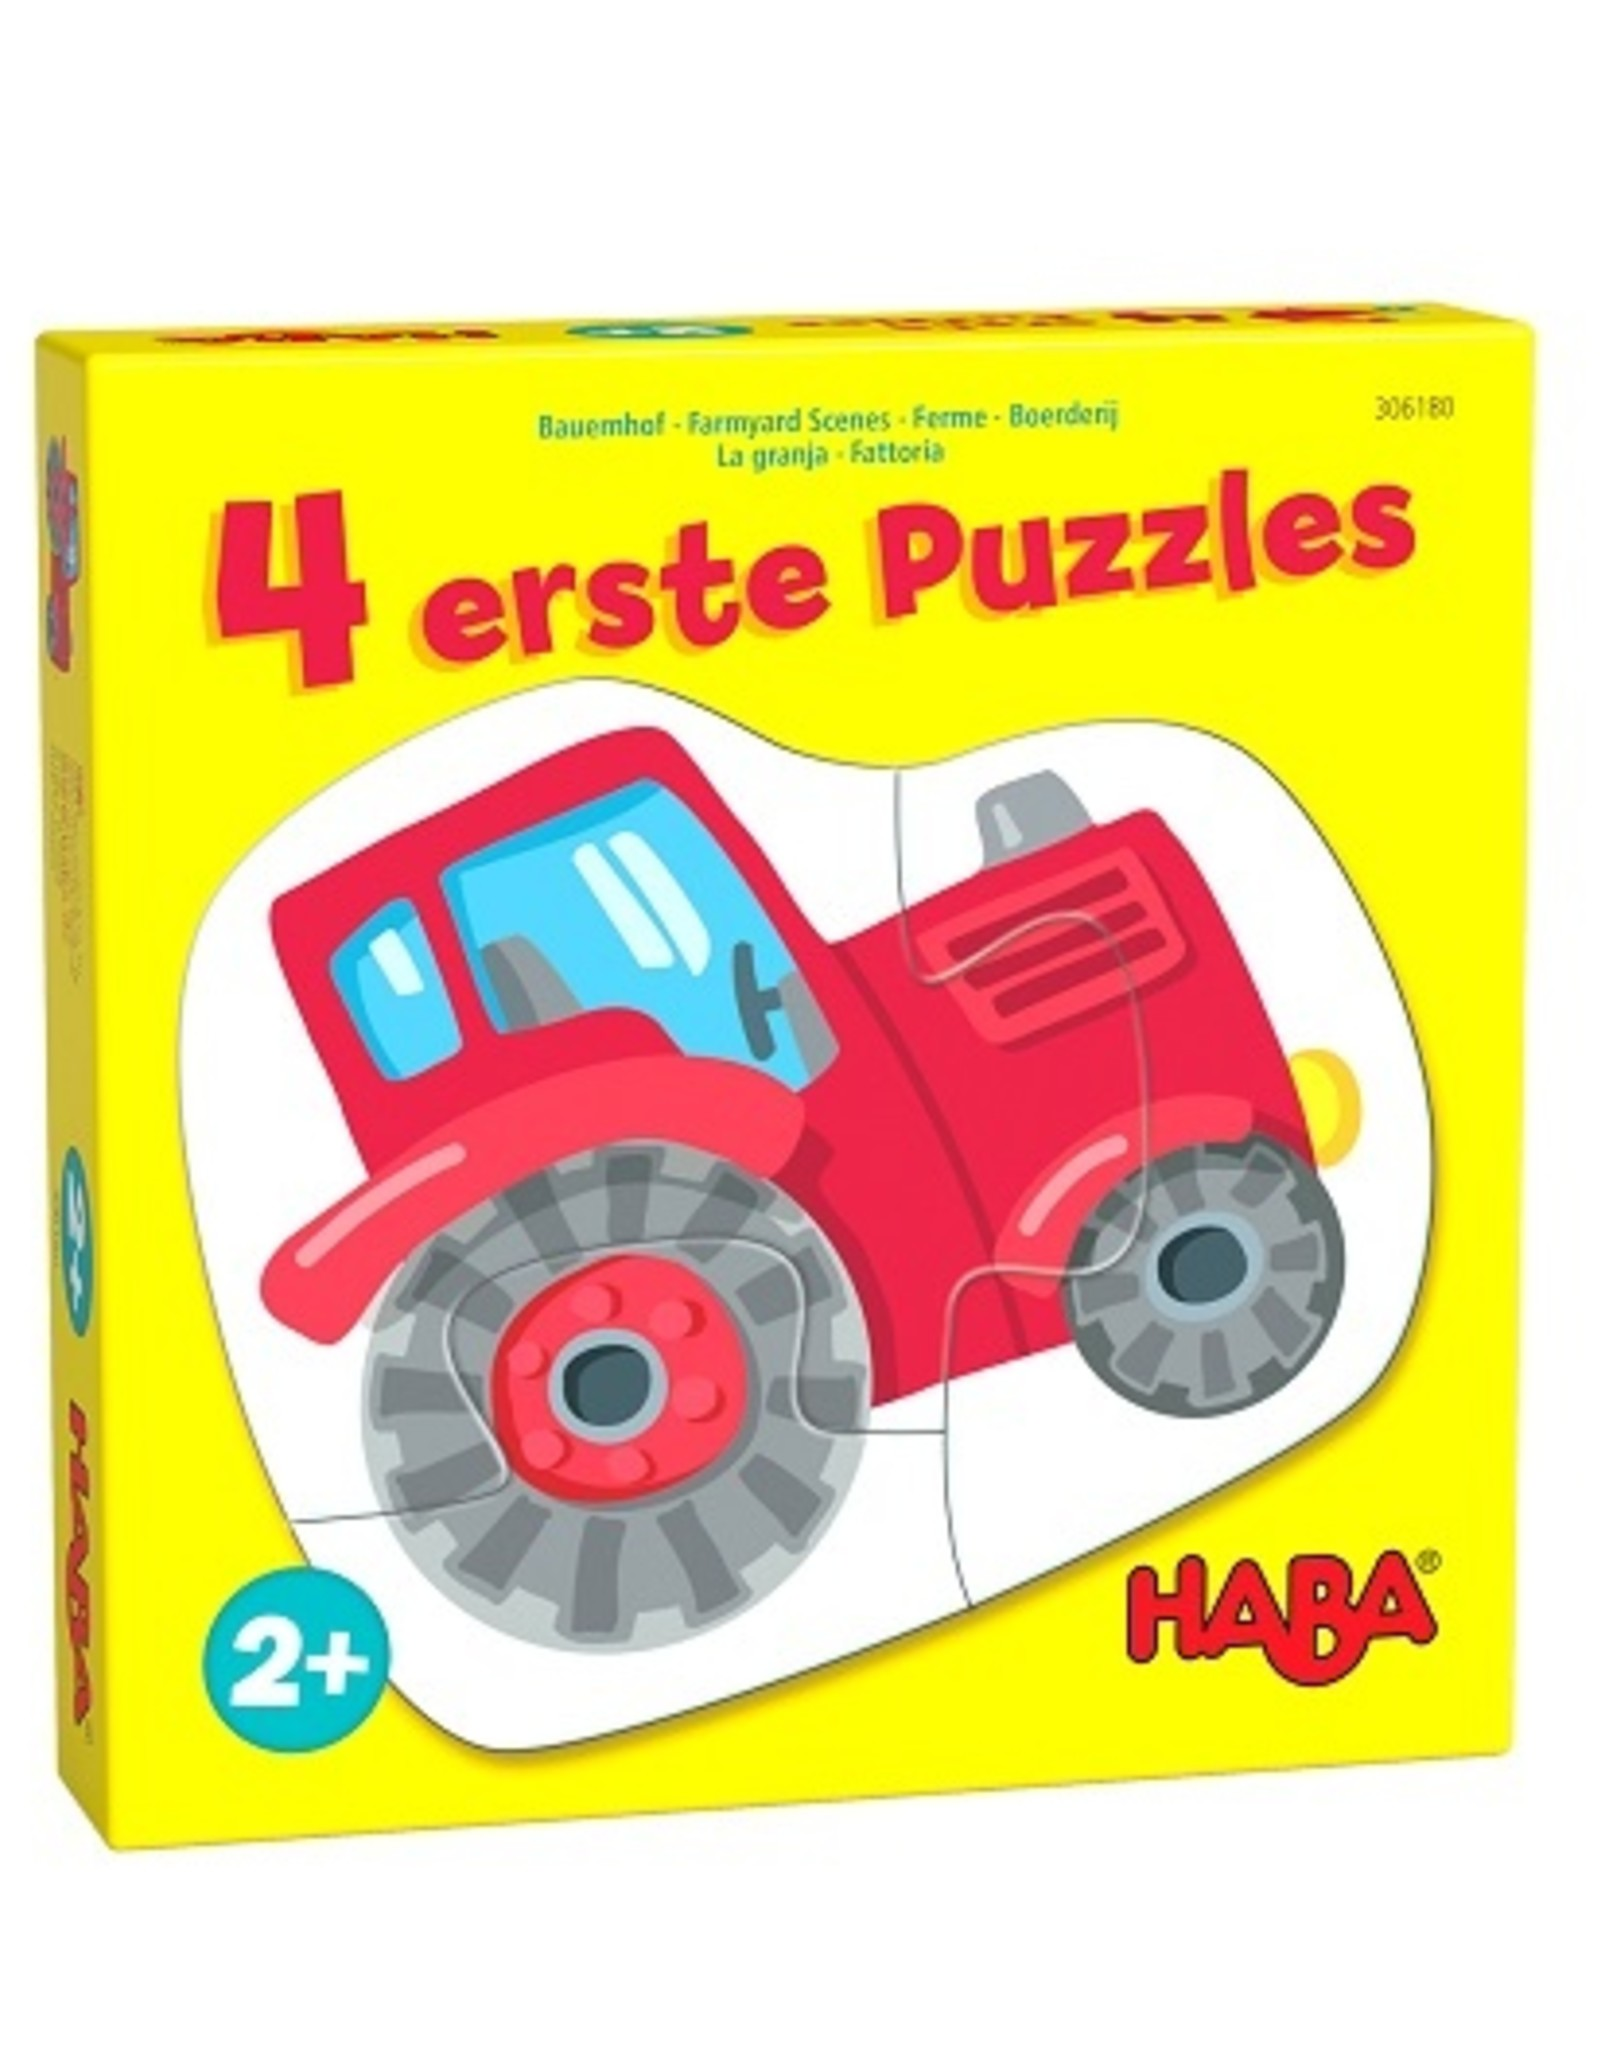 Haba 4 eerste puzzels